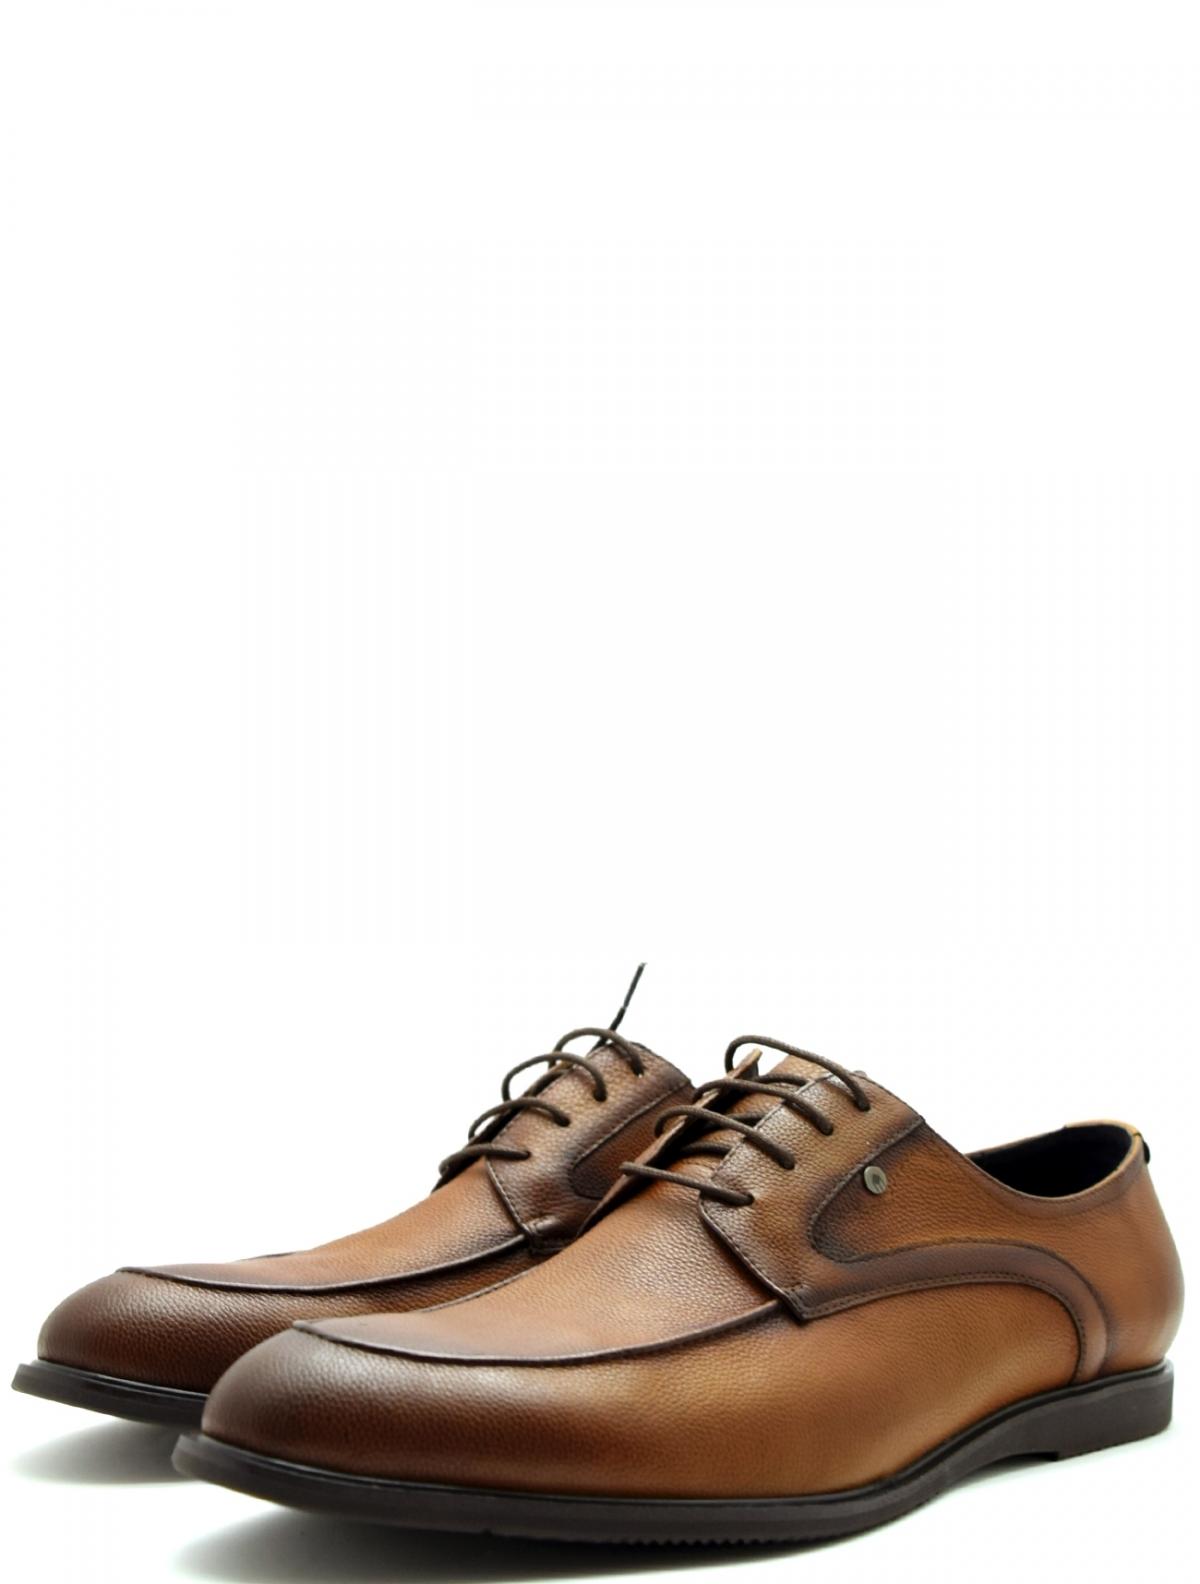 Roscote 25A-201-584-T3111 мужские туфли